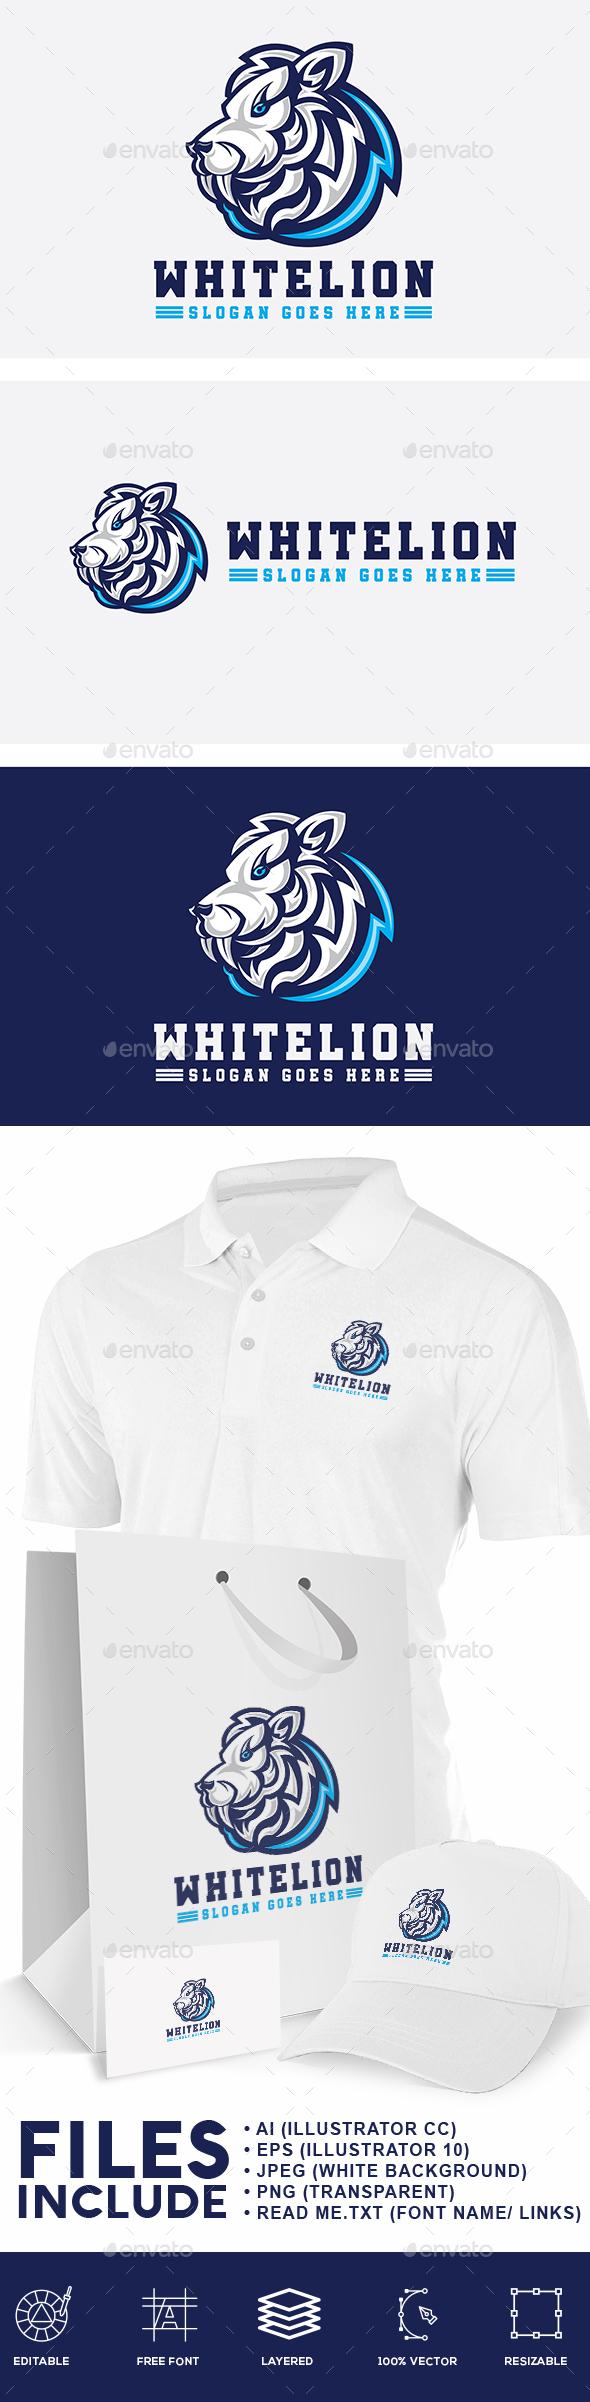 White Lion Logo - Animals Logo Templates